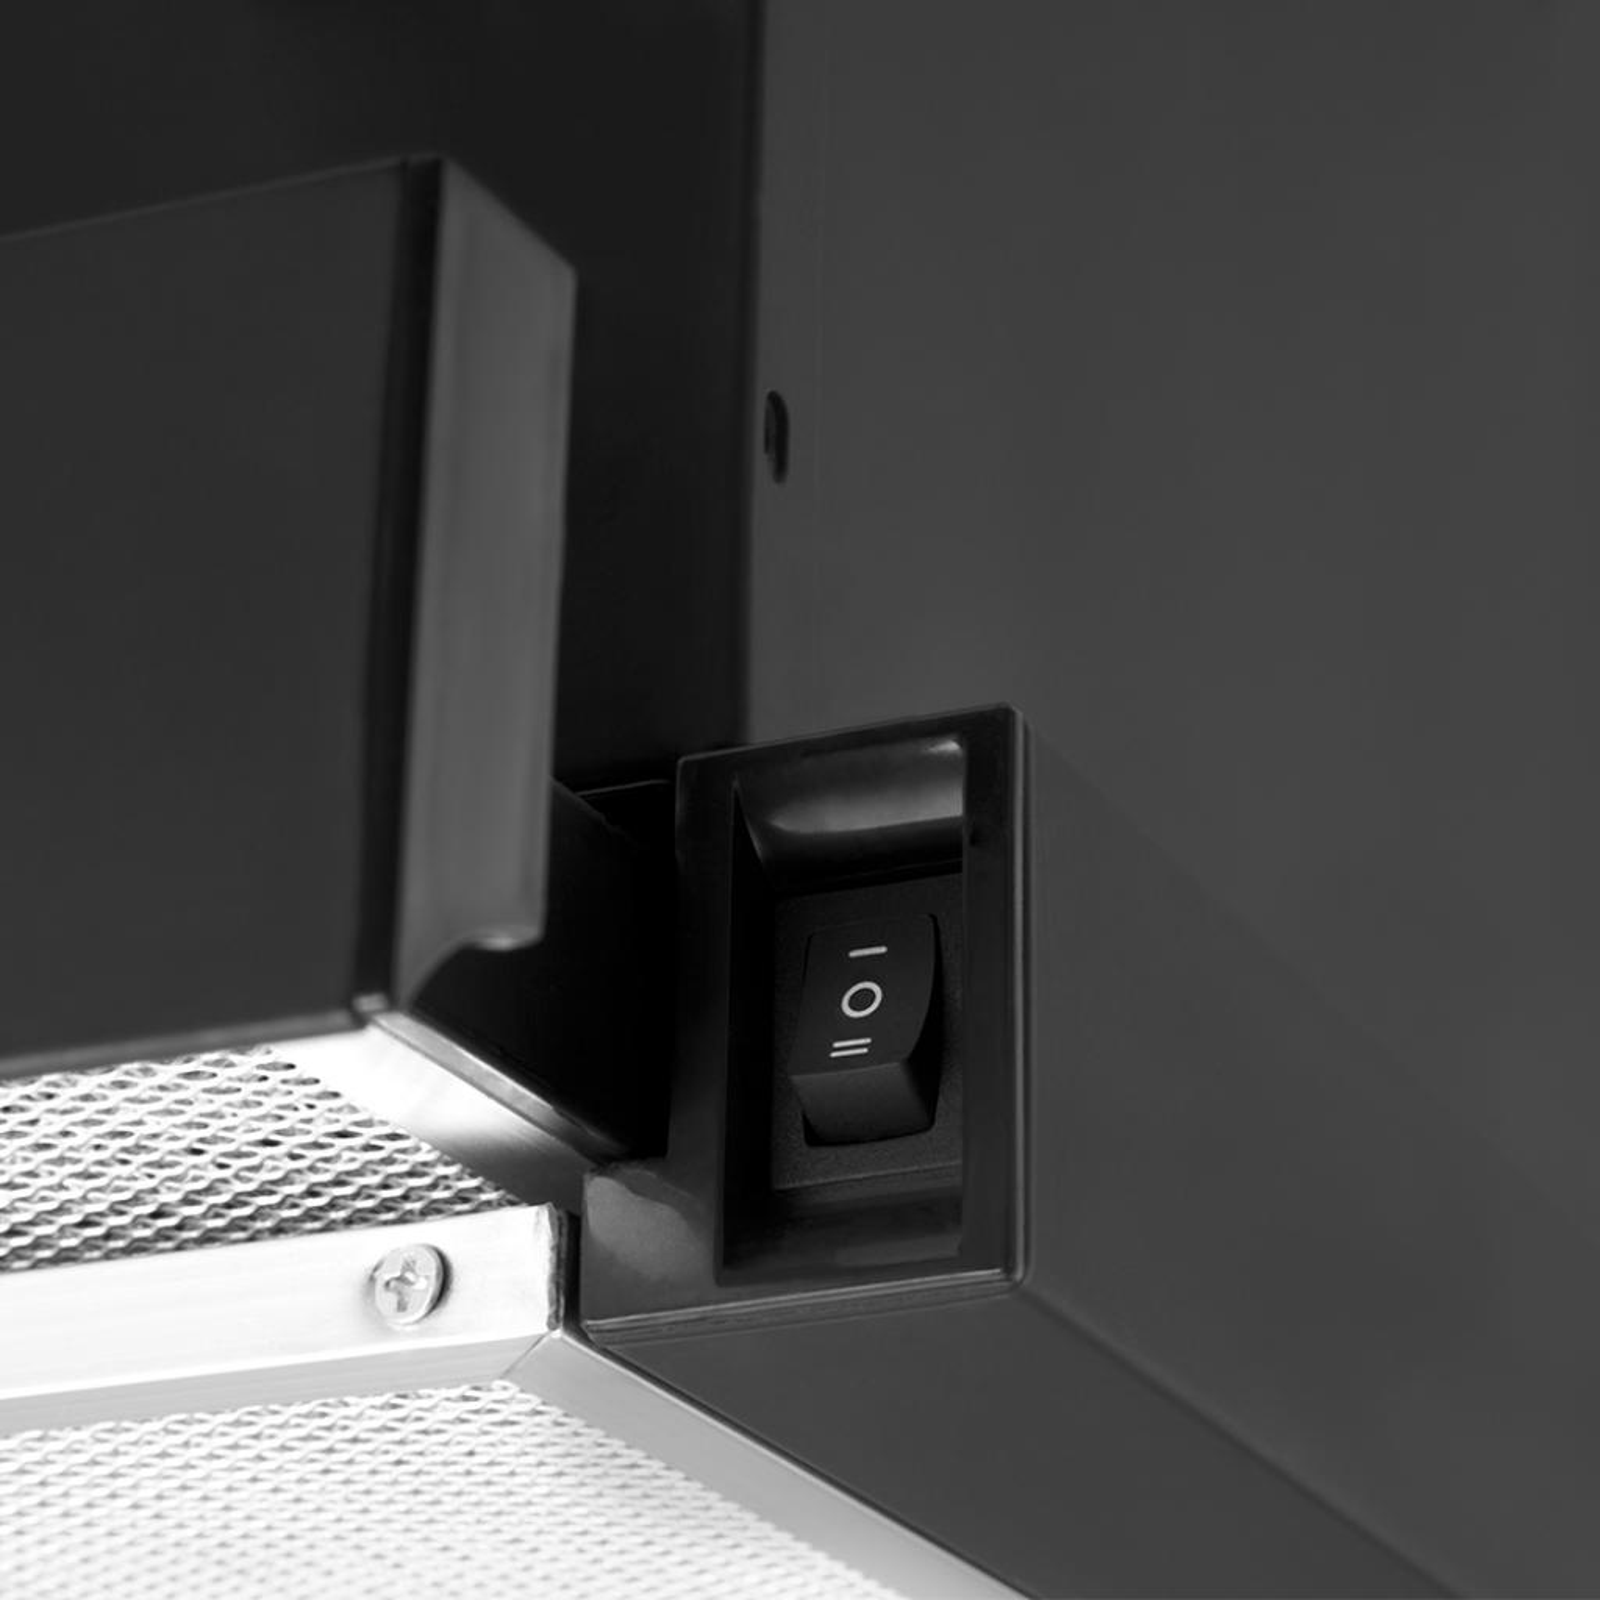 Вытяжка кухонная MINOLA HTL 510 BL изображение 3